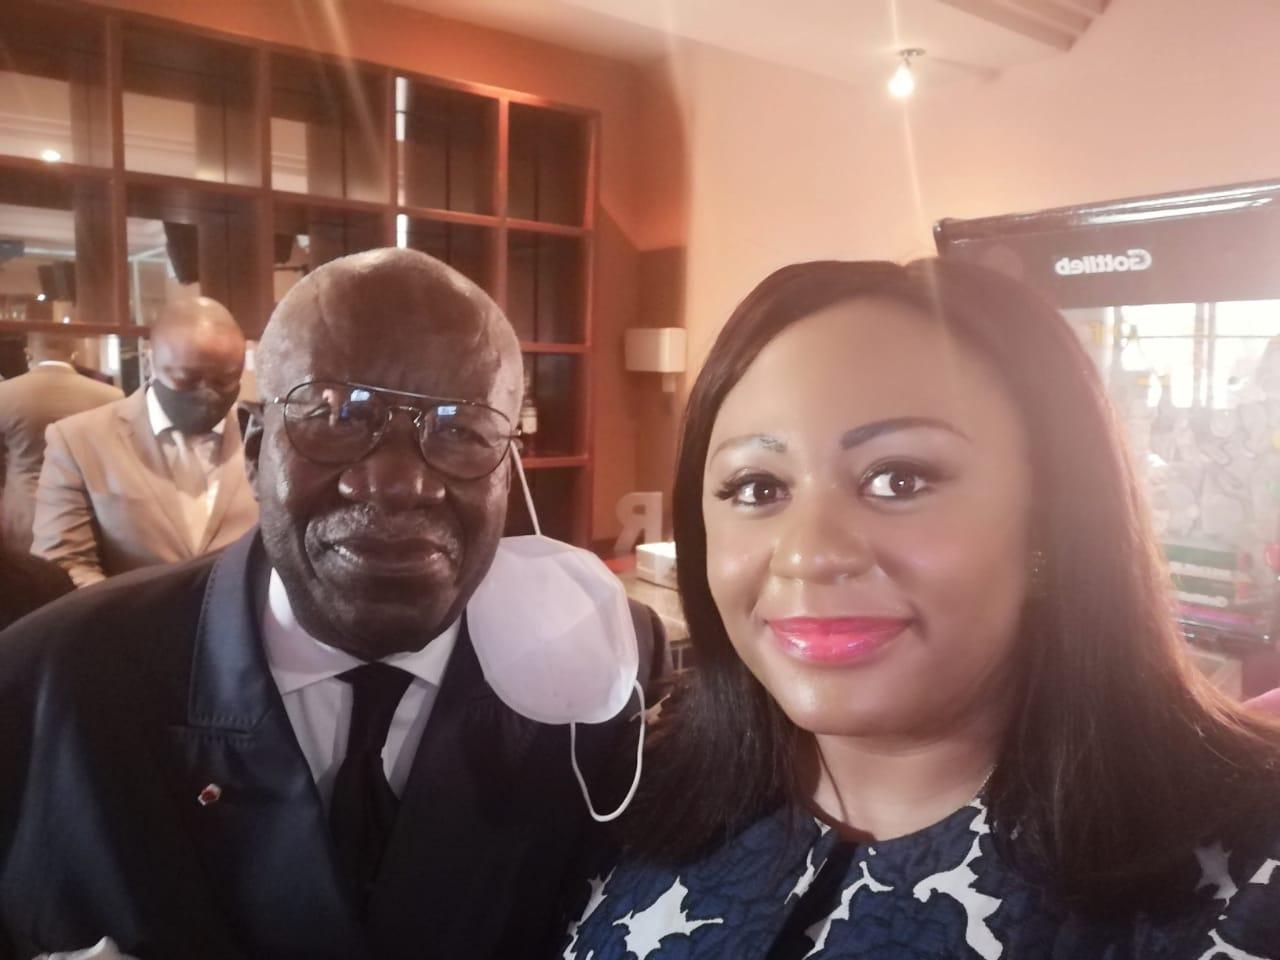 COMMUNAUTÉ  ÉCONOMIQUE DES ÉTATS DE L'AFRIQUE CENTRALE (CEEAC)/ COMMISSION EN CHARGE DE LA PROMOTION DE LA FEMME : LA RDC BIEN REPRÉSENTÉE, YVETTE KAPINGA DÉSORMAIS COMMISSAIRE.